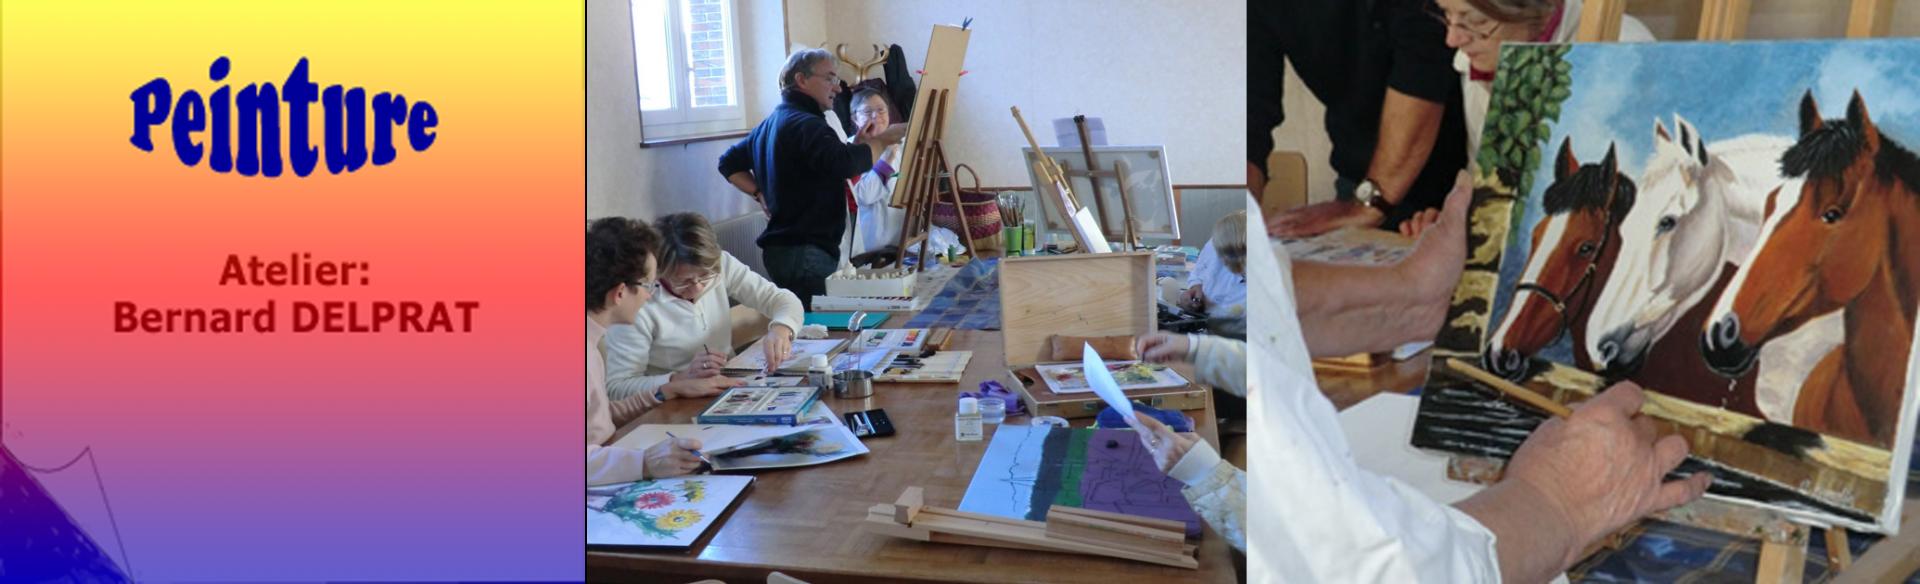 Atelier peinture modifie 1